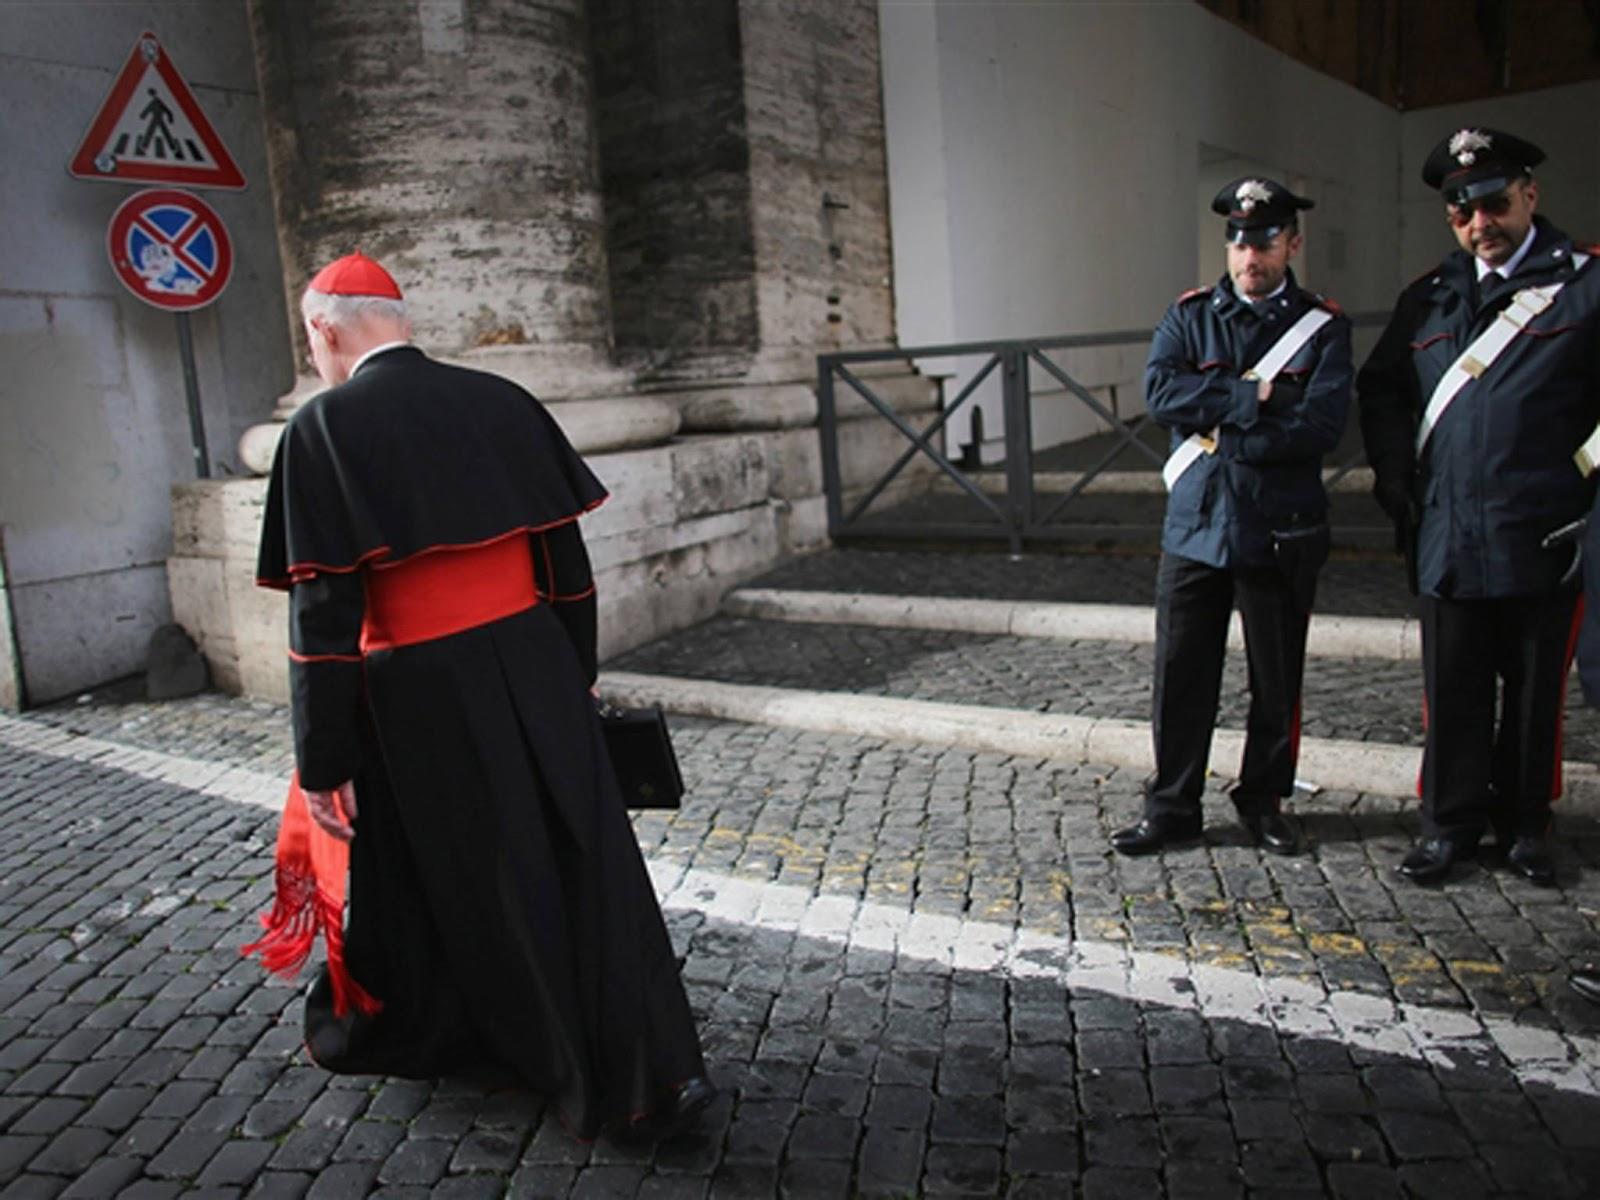 rome total war catholic priests salaries - photo#10